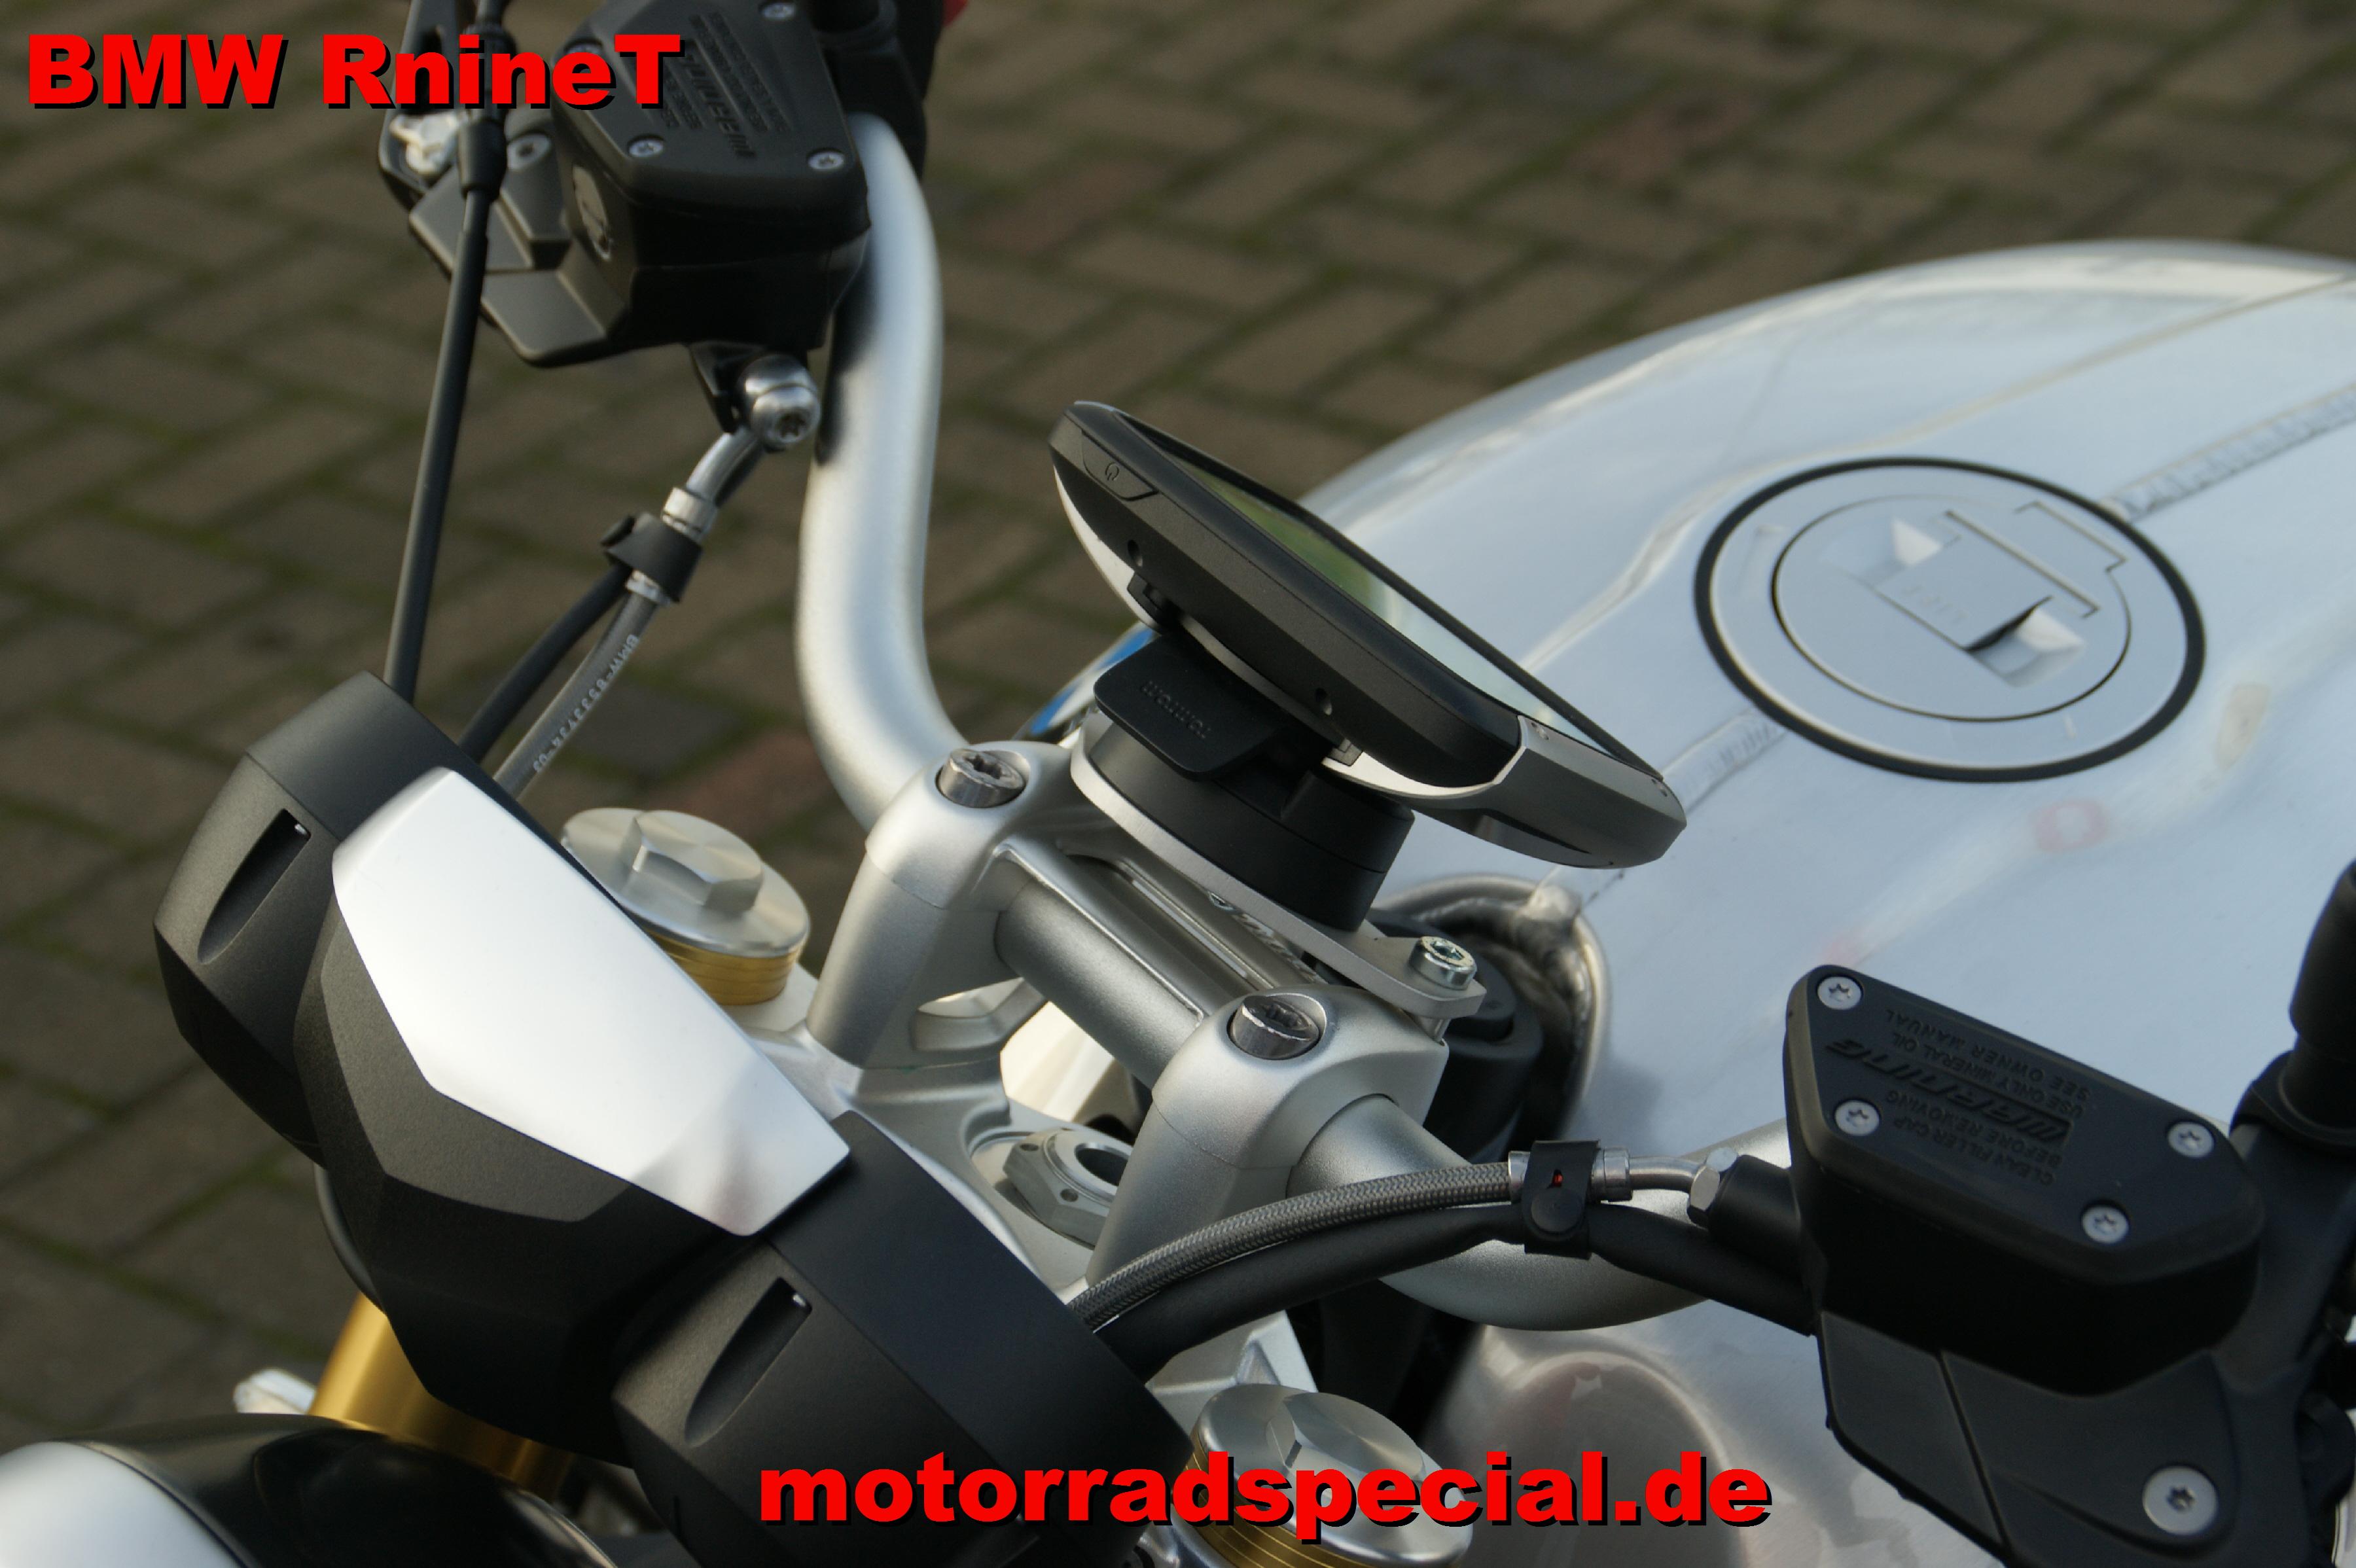 BMW_RnineT_Navigationshalter_Navihalter_Navihalterung_2